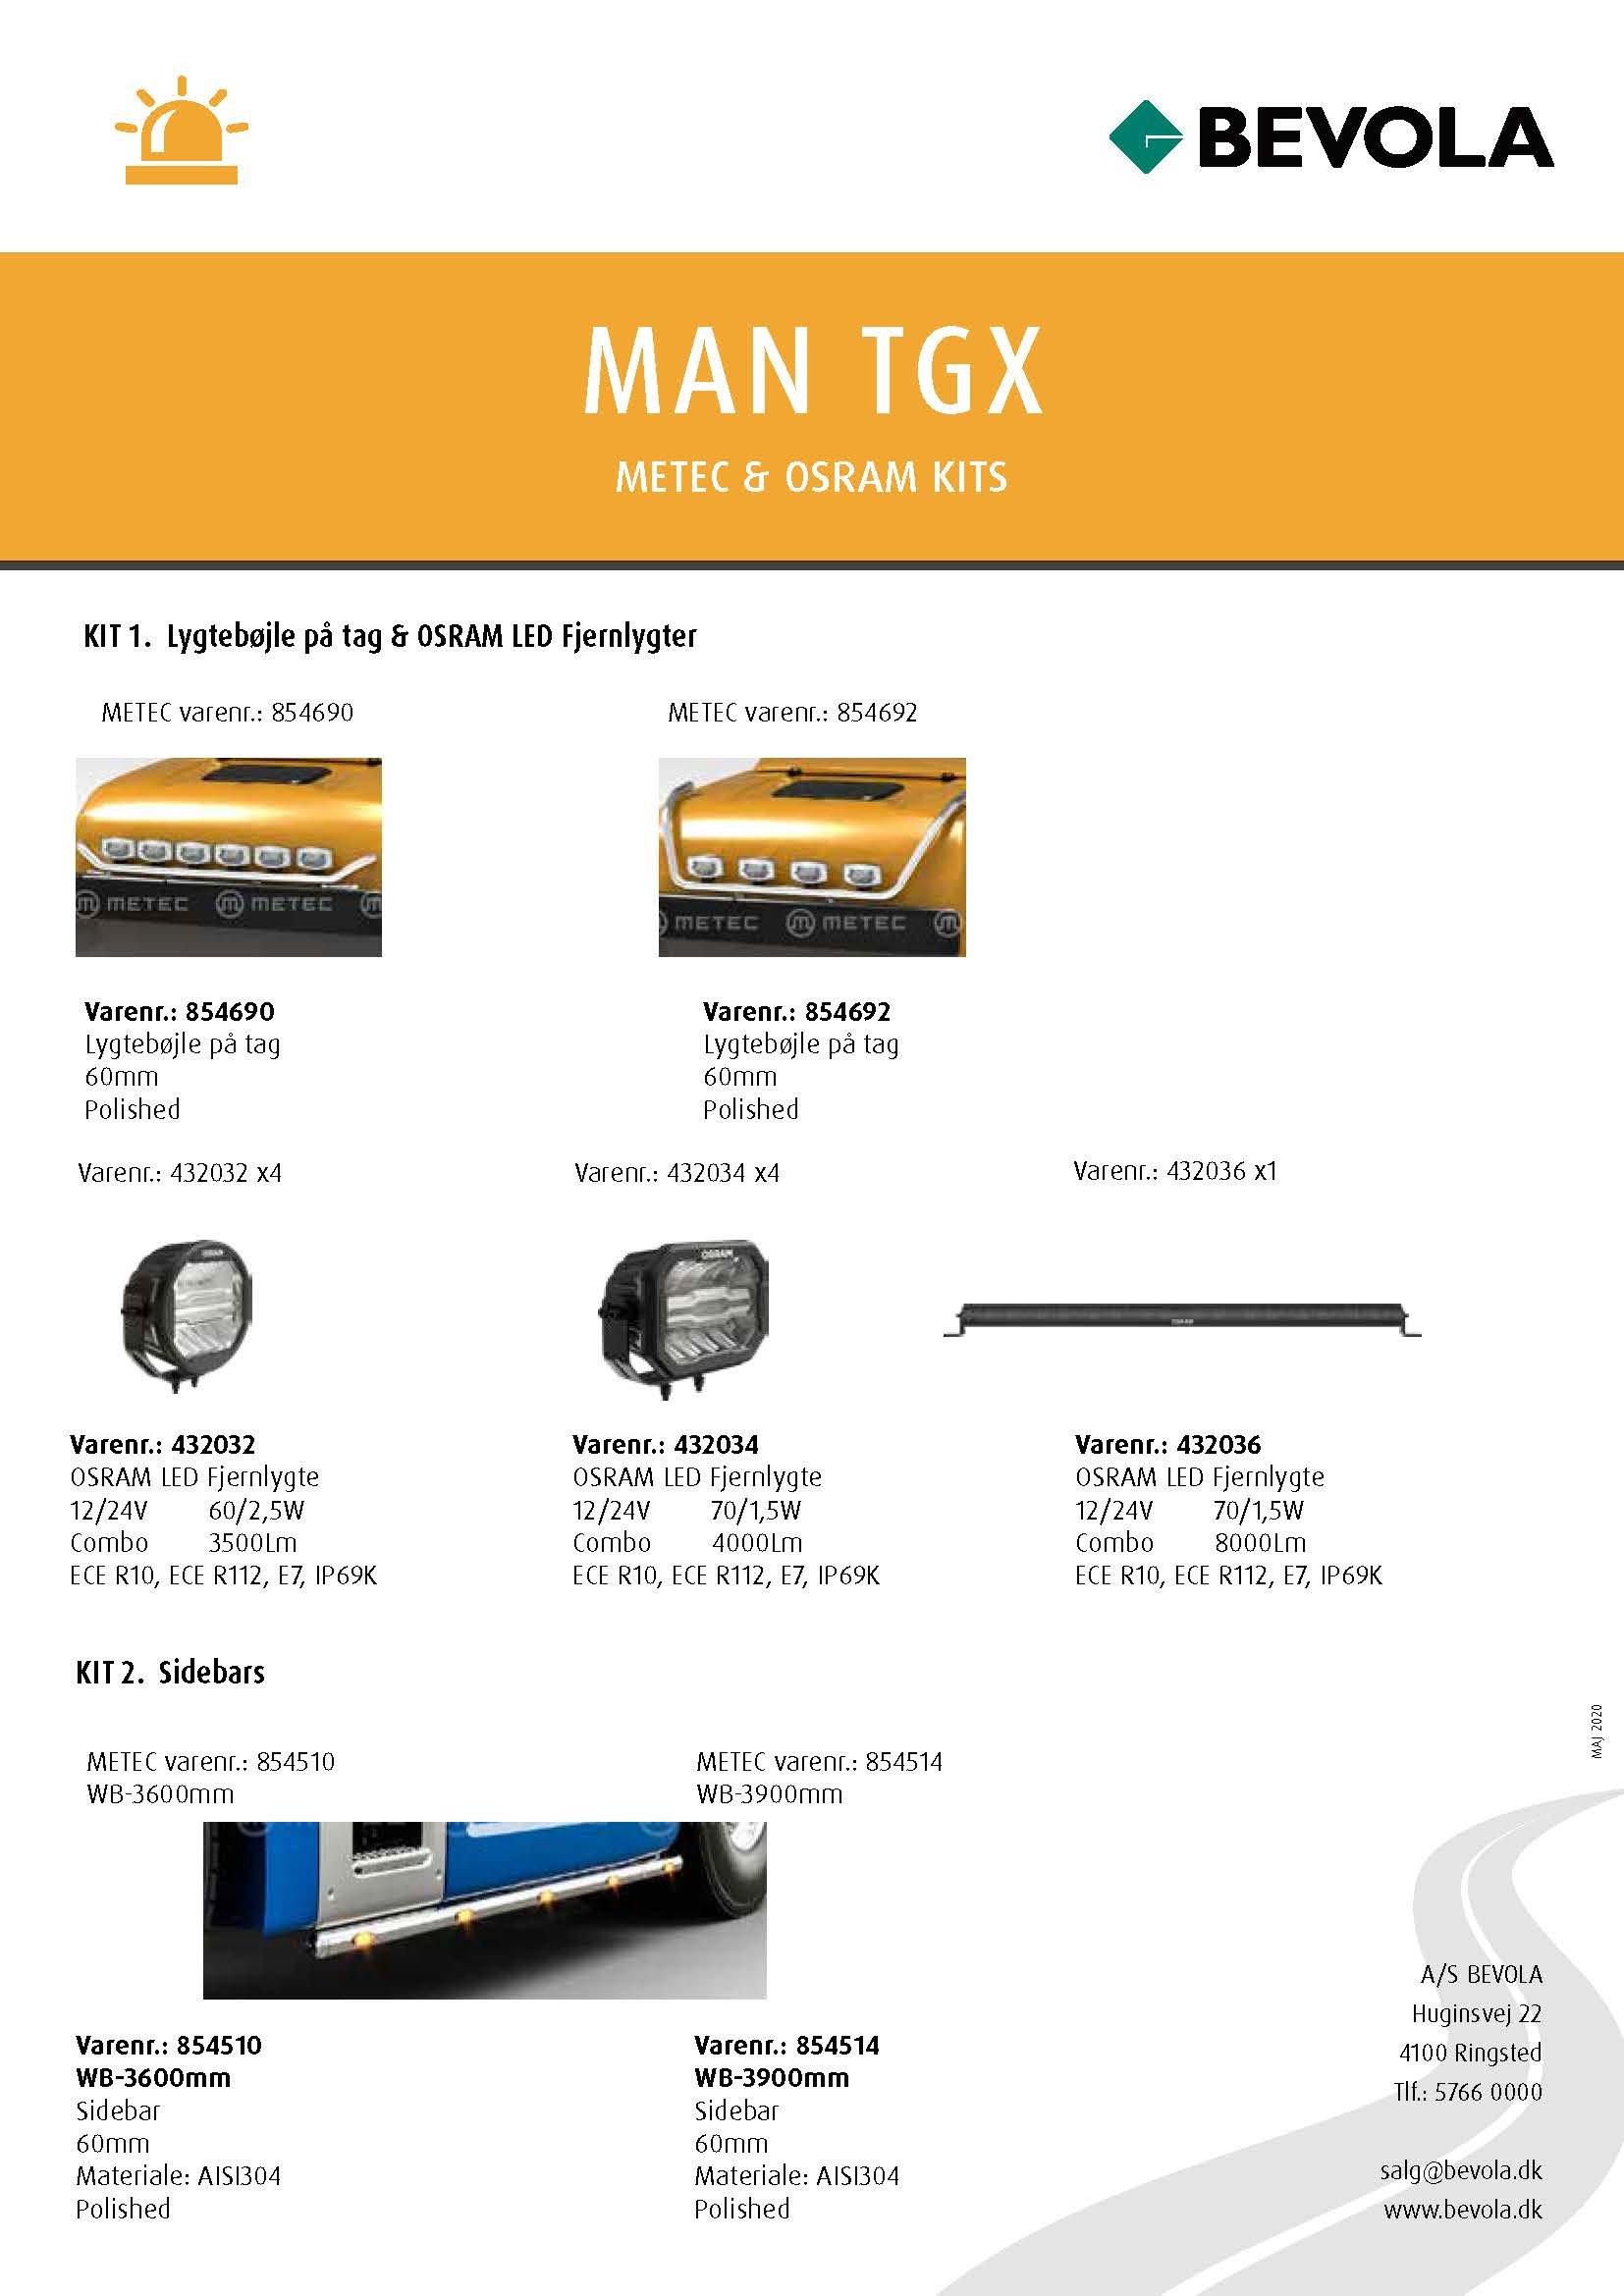 METEC + OSRAM KITS MAN-TGX